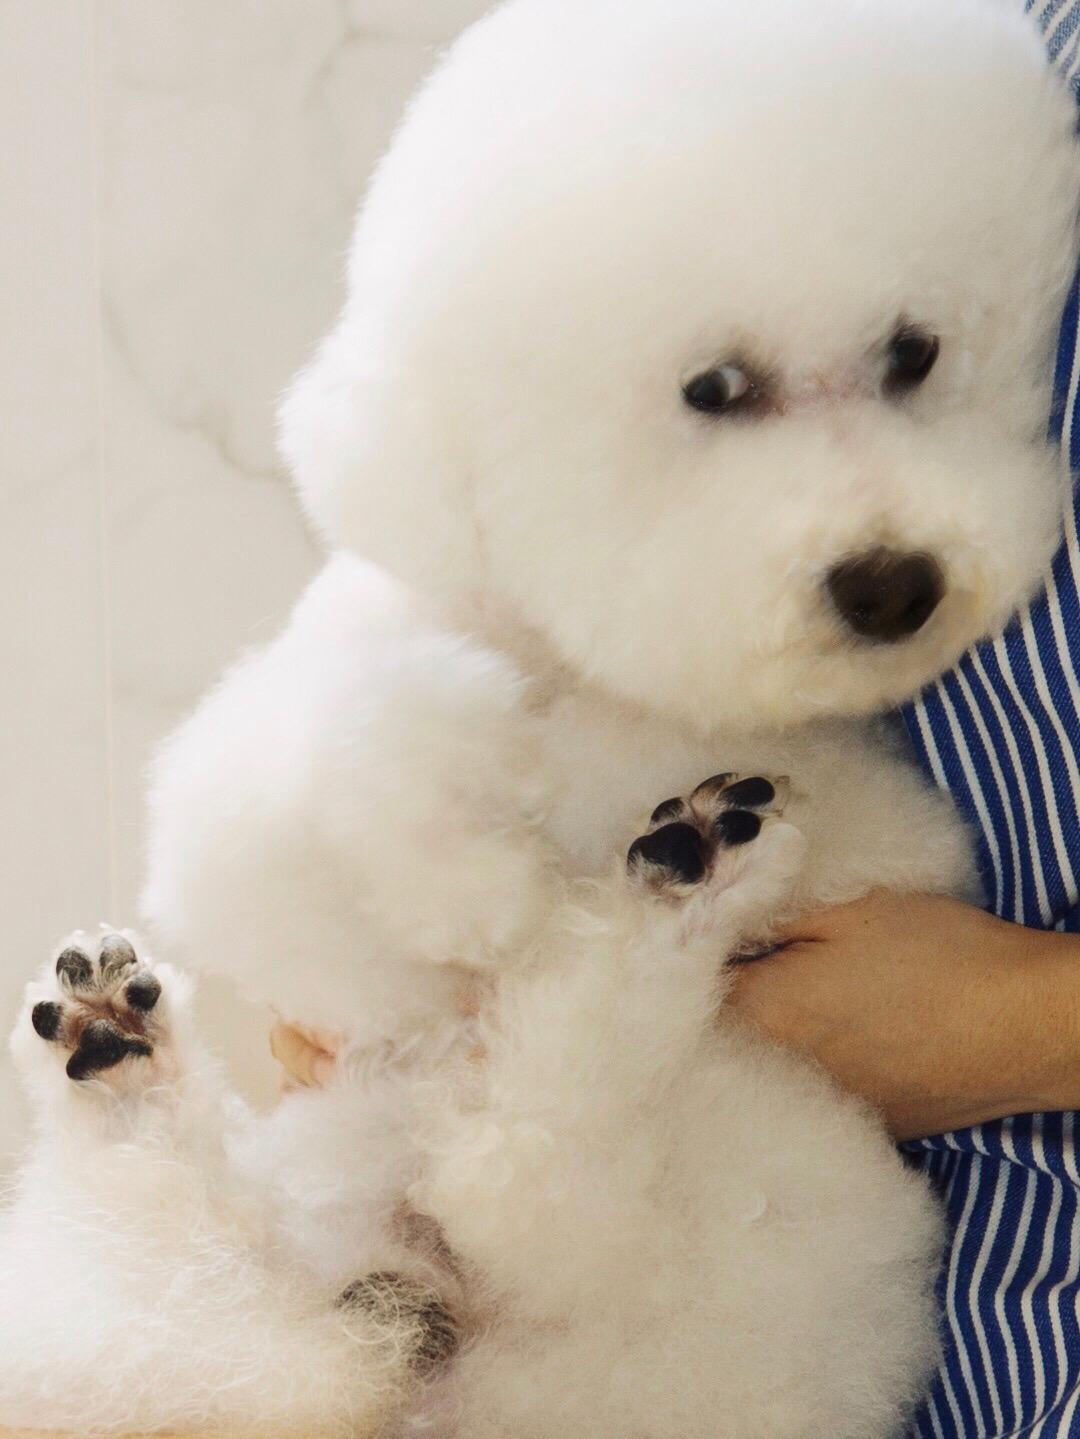 【評價狗狗神仙粉】用家Bear: 用過最有效安心的狗狗保健品,有獸醫設計過俾狗狗食果然有效D,放心D